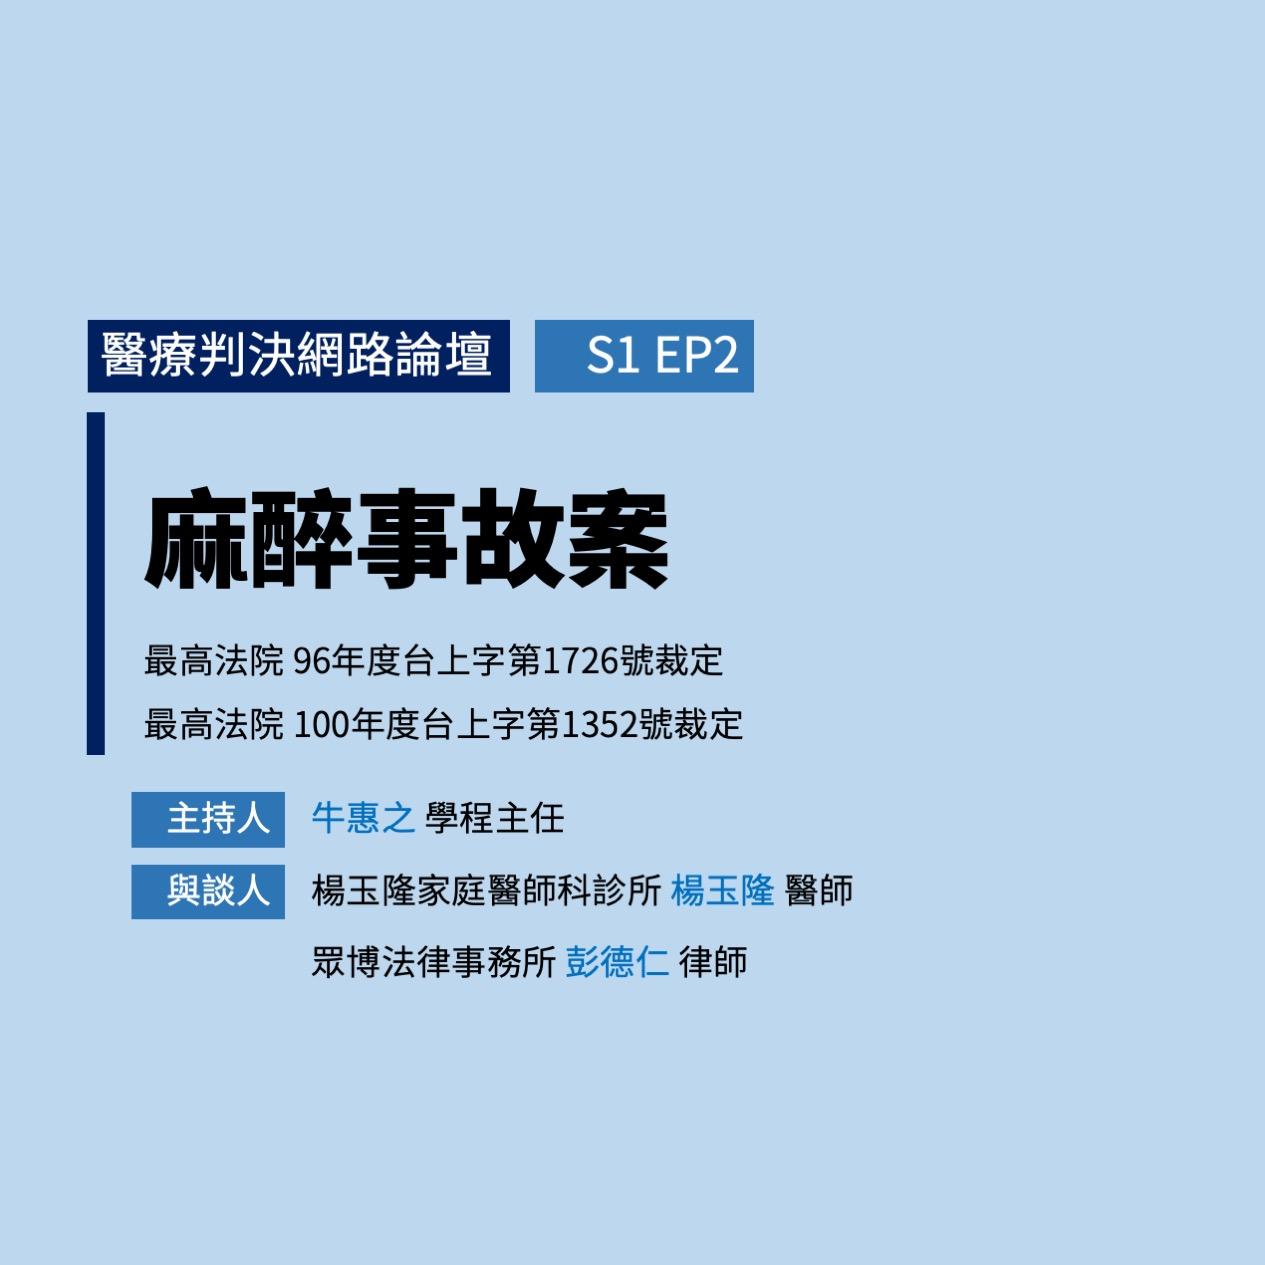 【醫療判決網路論壇 #02】案例研析-麻醉事故案